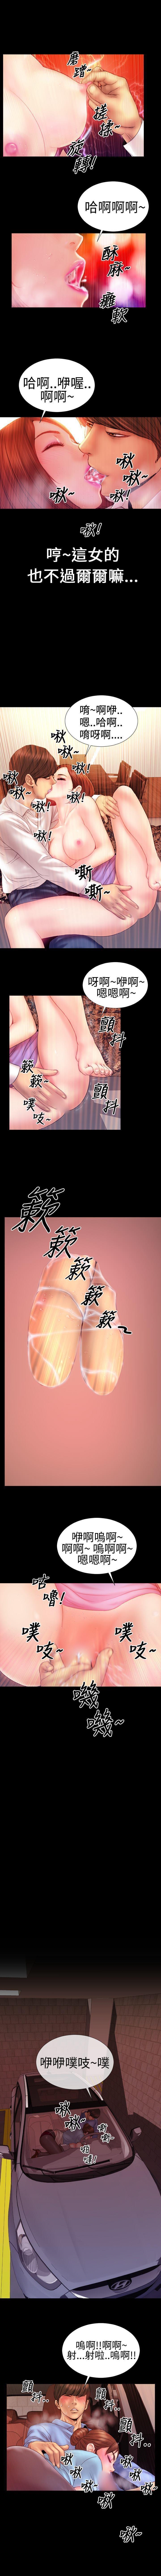 [洋蔥&模造]MY WIVES 淫荡的妻子们 Ch.4~10 [Chinese]中文 7